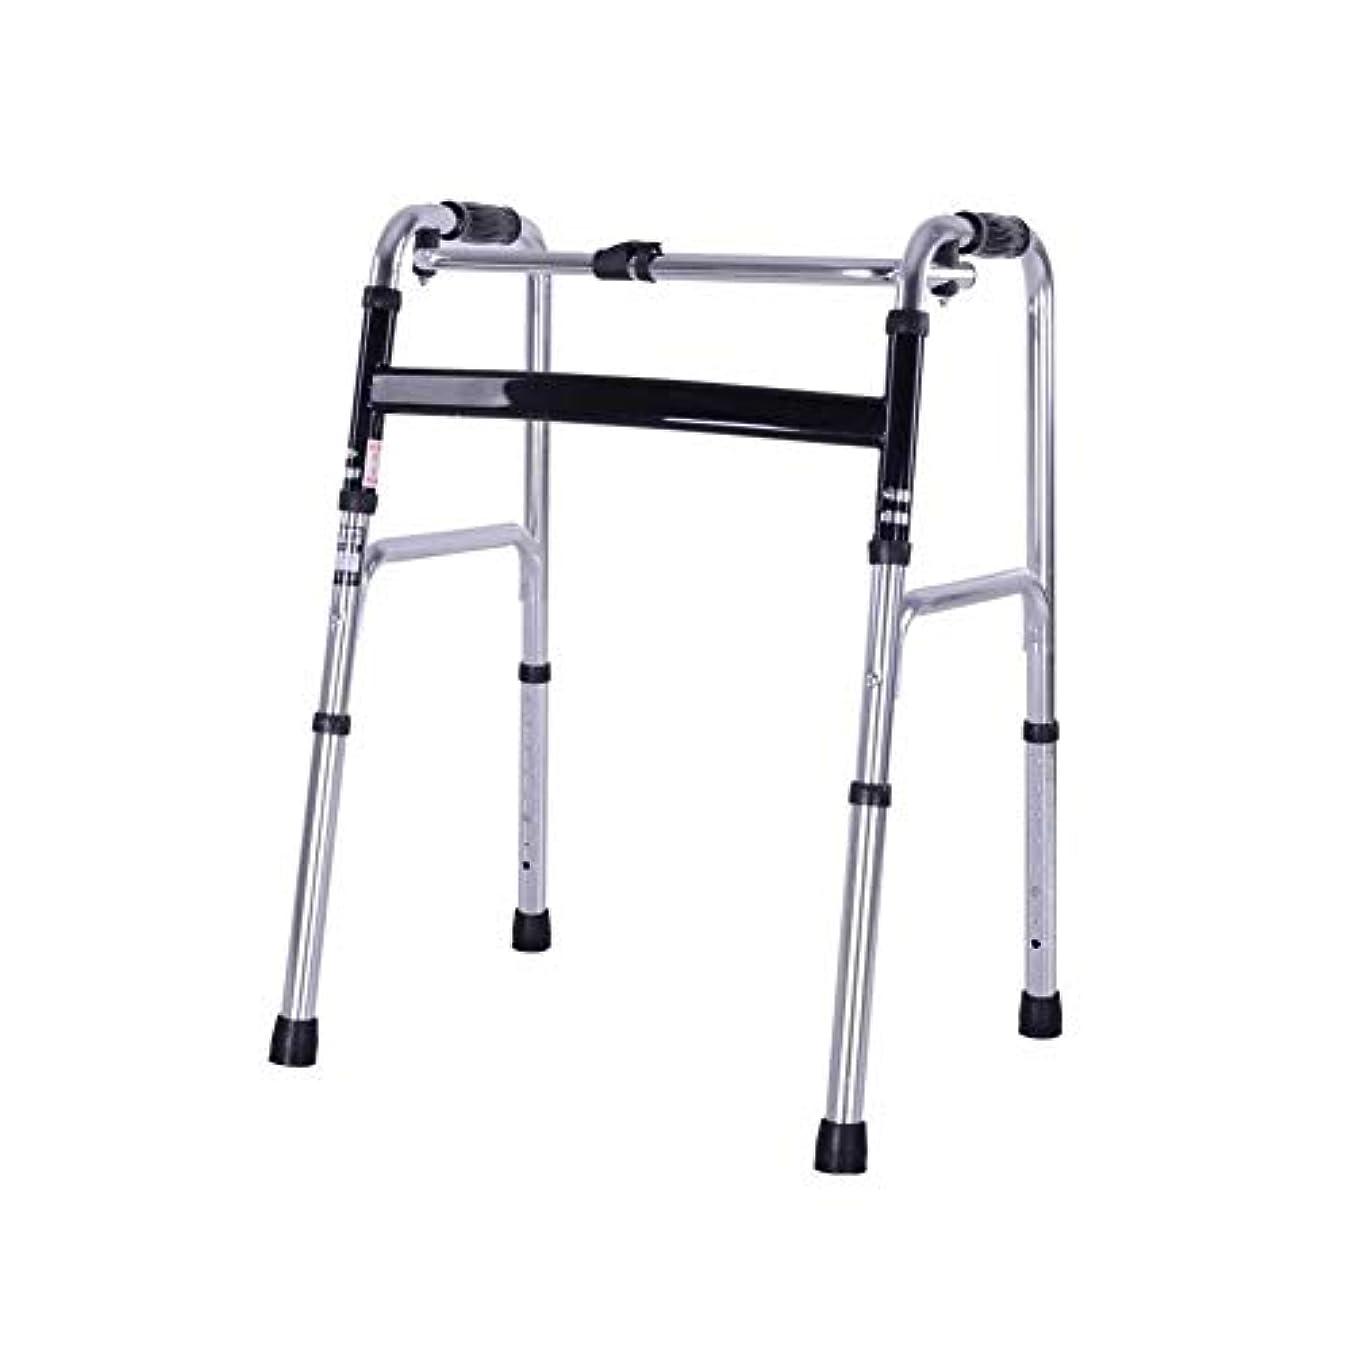 黒板抵当モニター高齢者のための折りたたみ式軽量アルミニウム高さ調節可能な歩行フレームの移動補助具